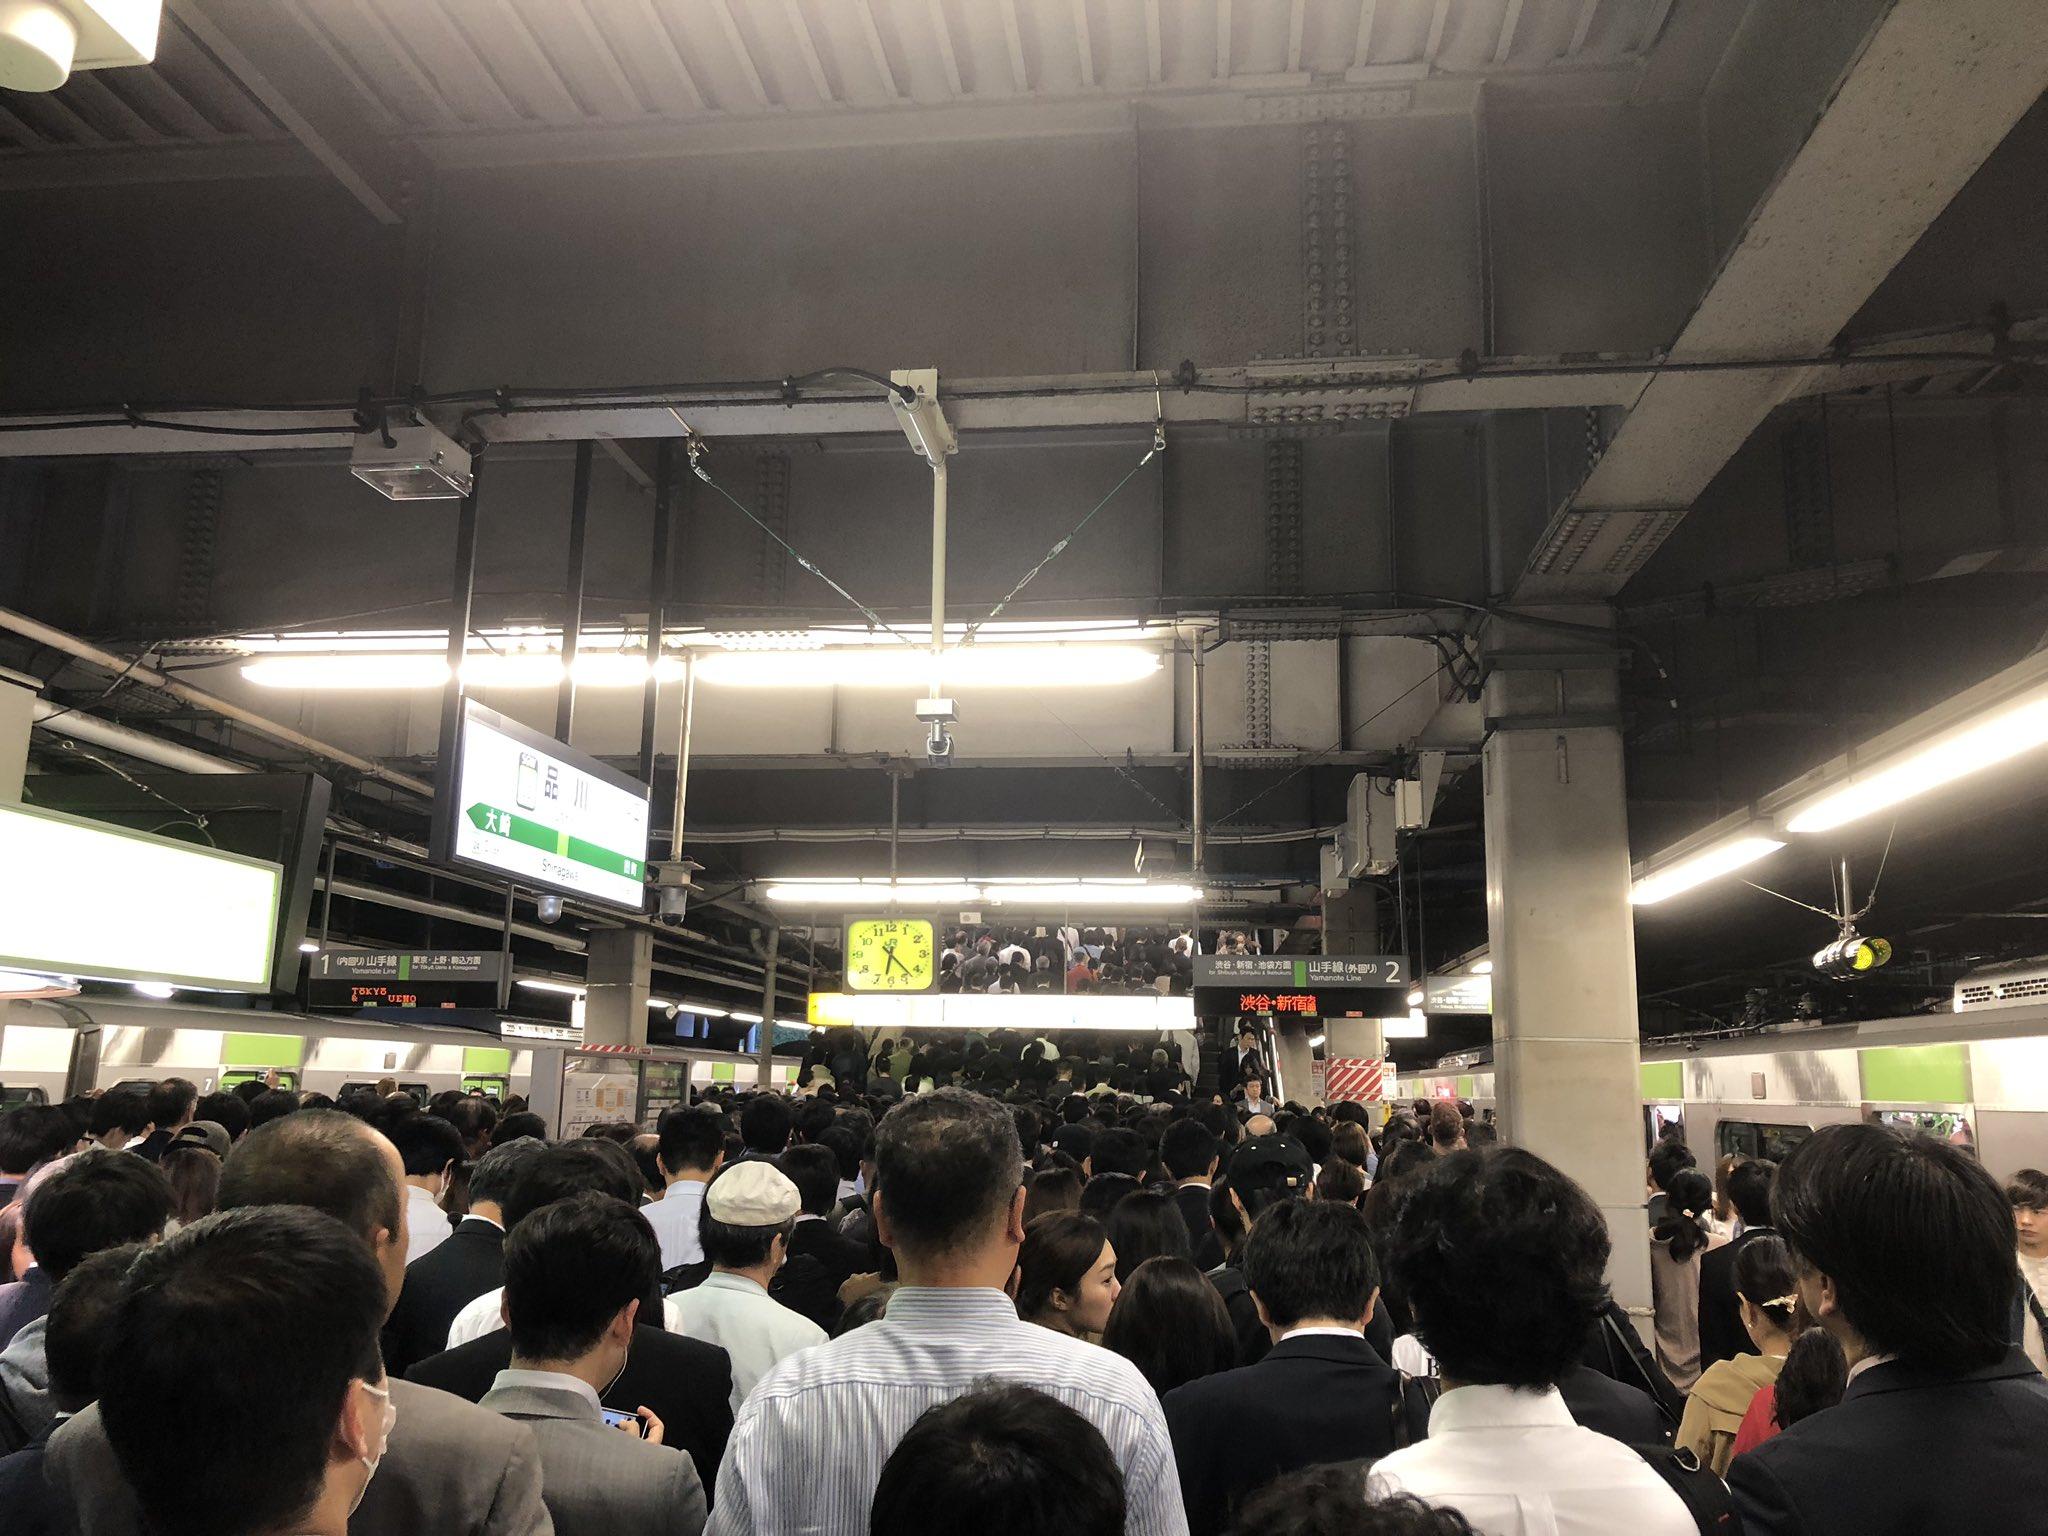 画像,品川駅のホーム一歩も動けん https://t.co/bVUz15yYIx。